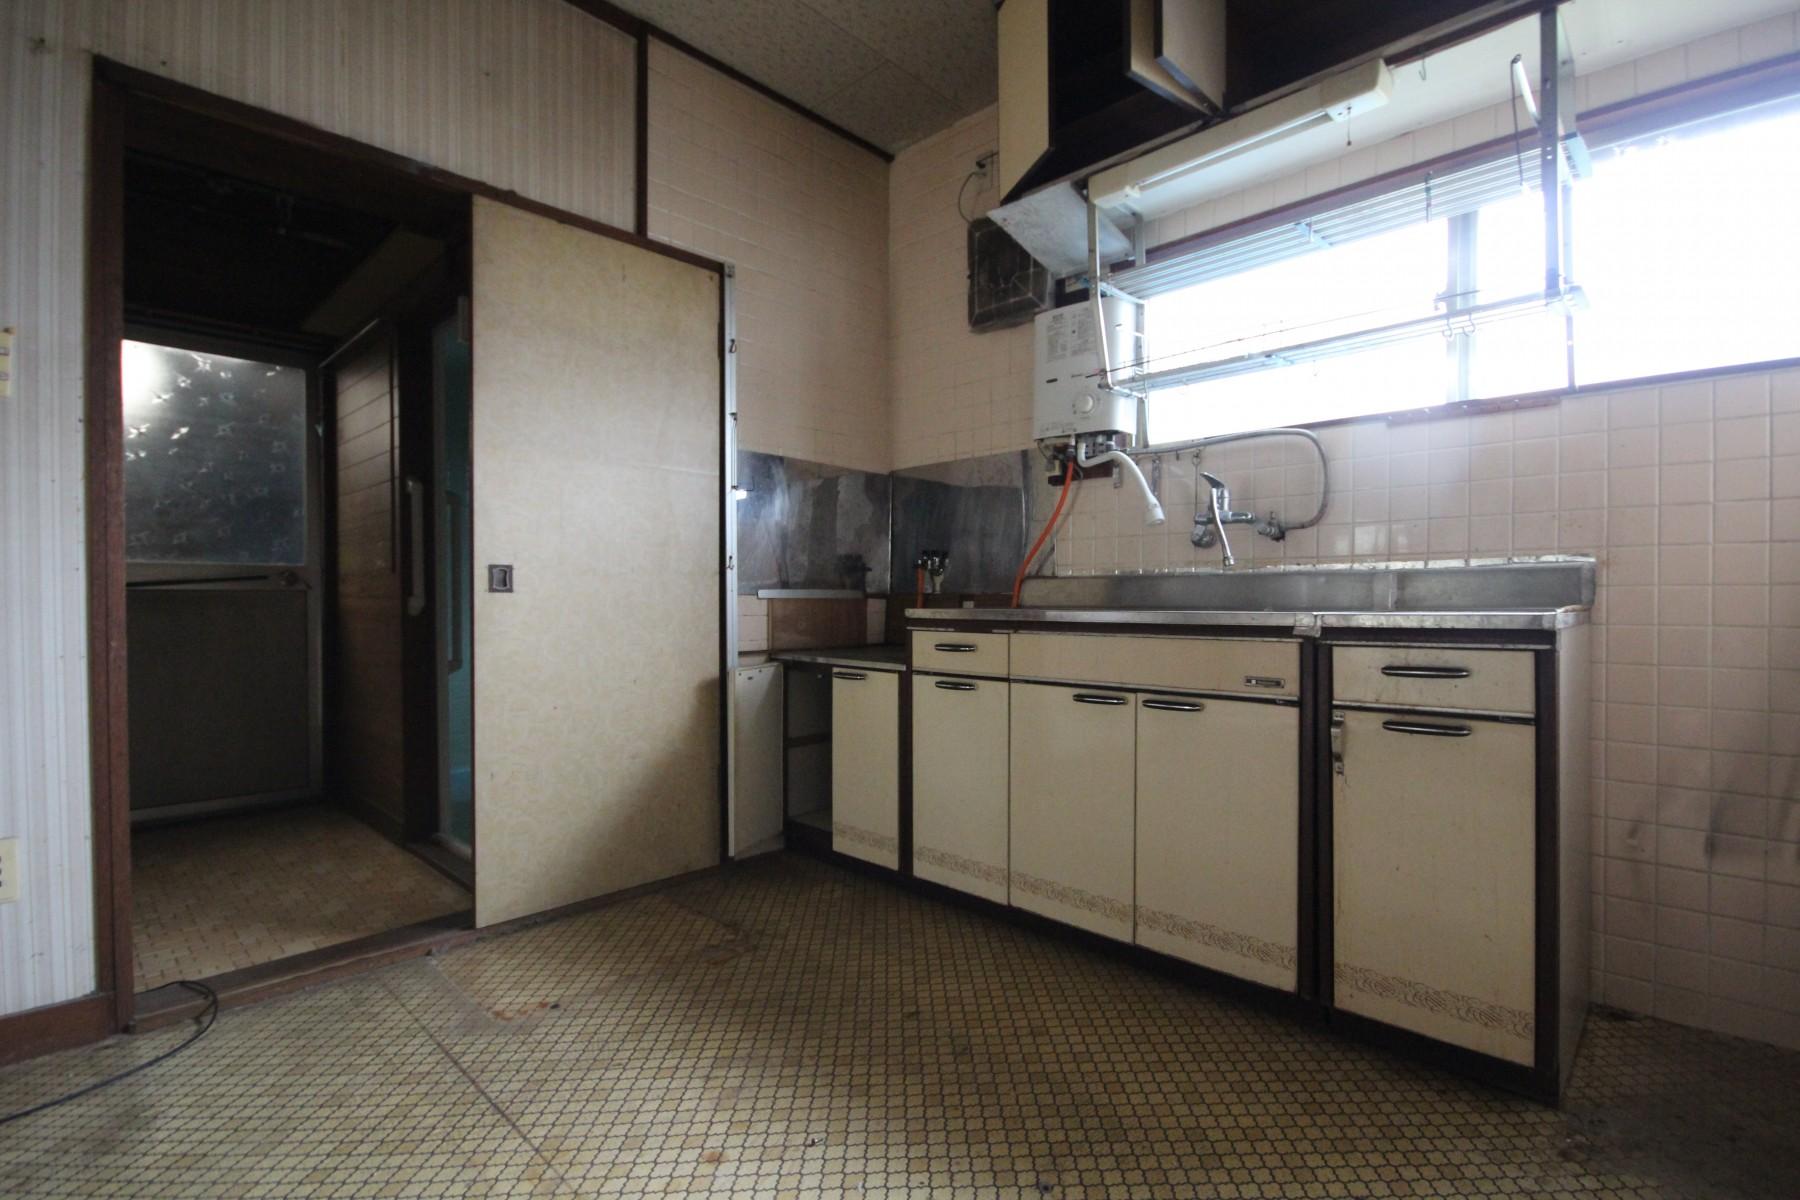 大分市中古住宅リノベーションH様邸キッチンビフォー写真